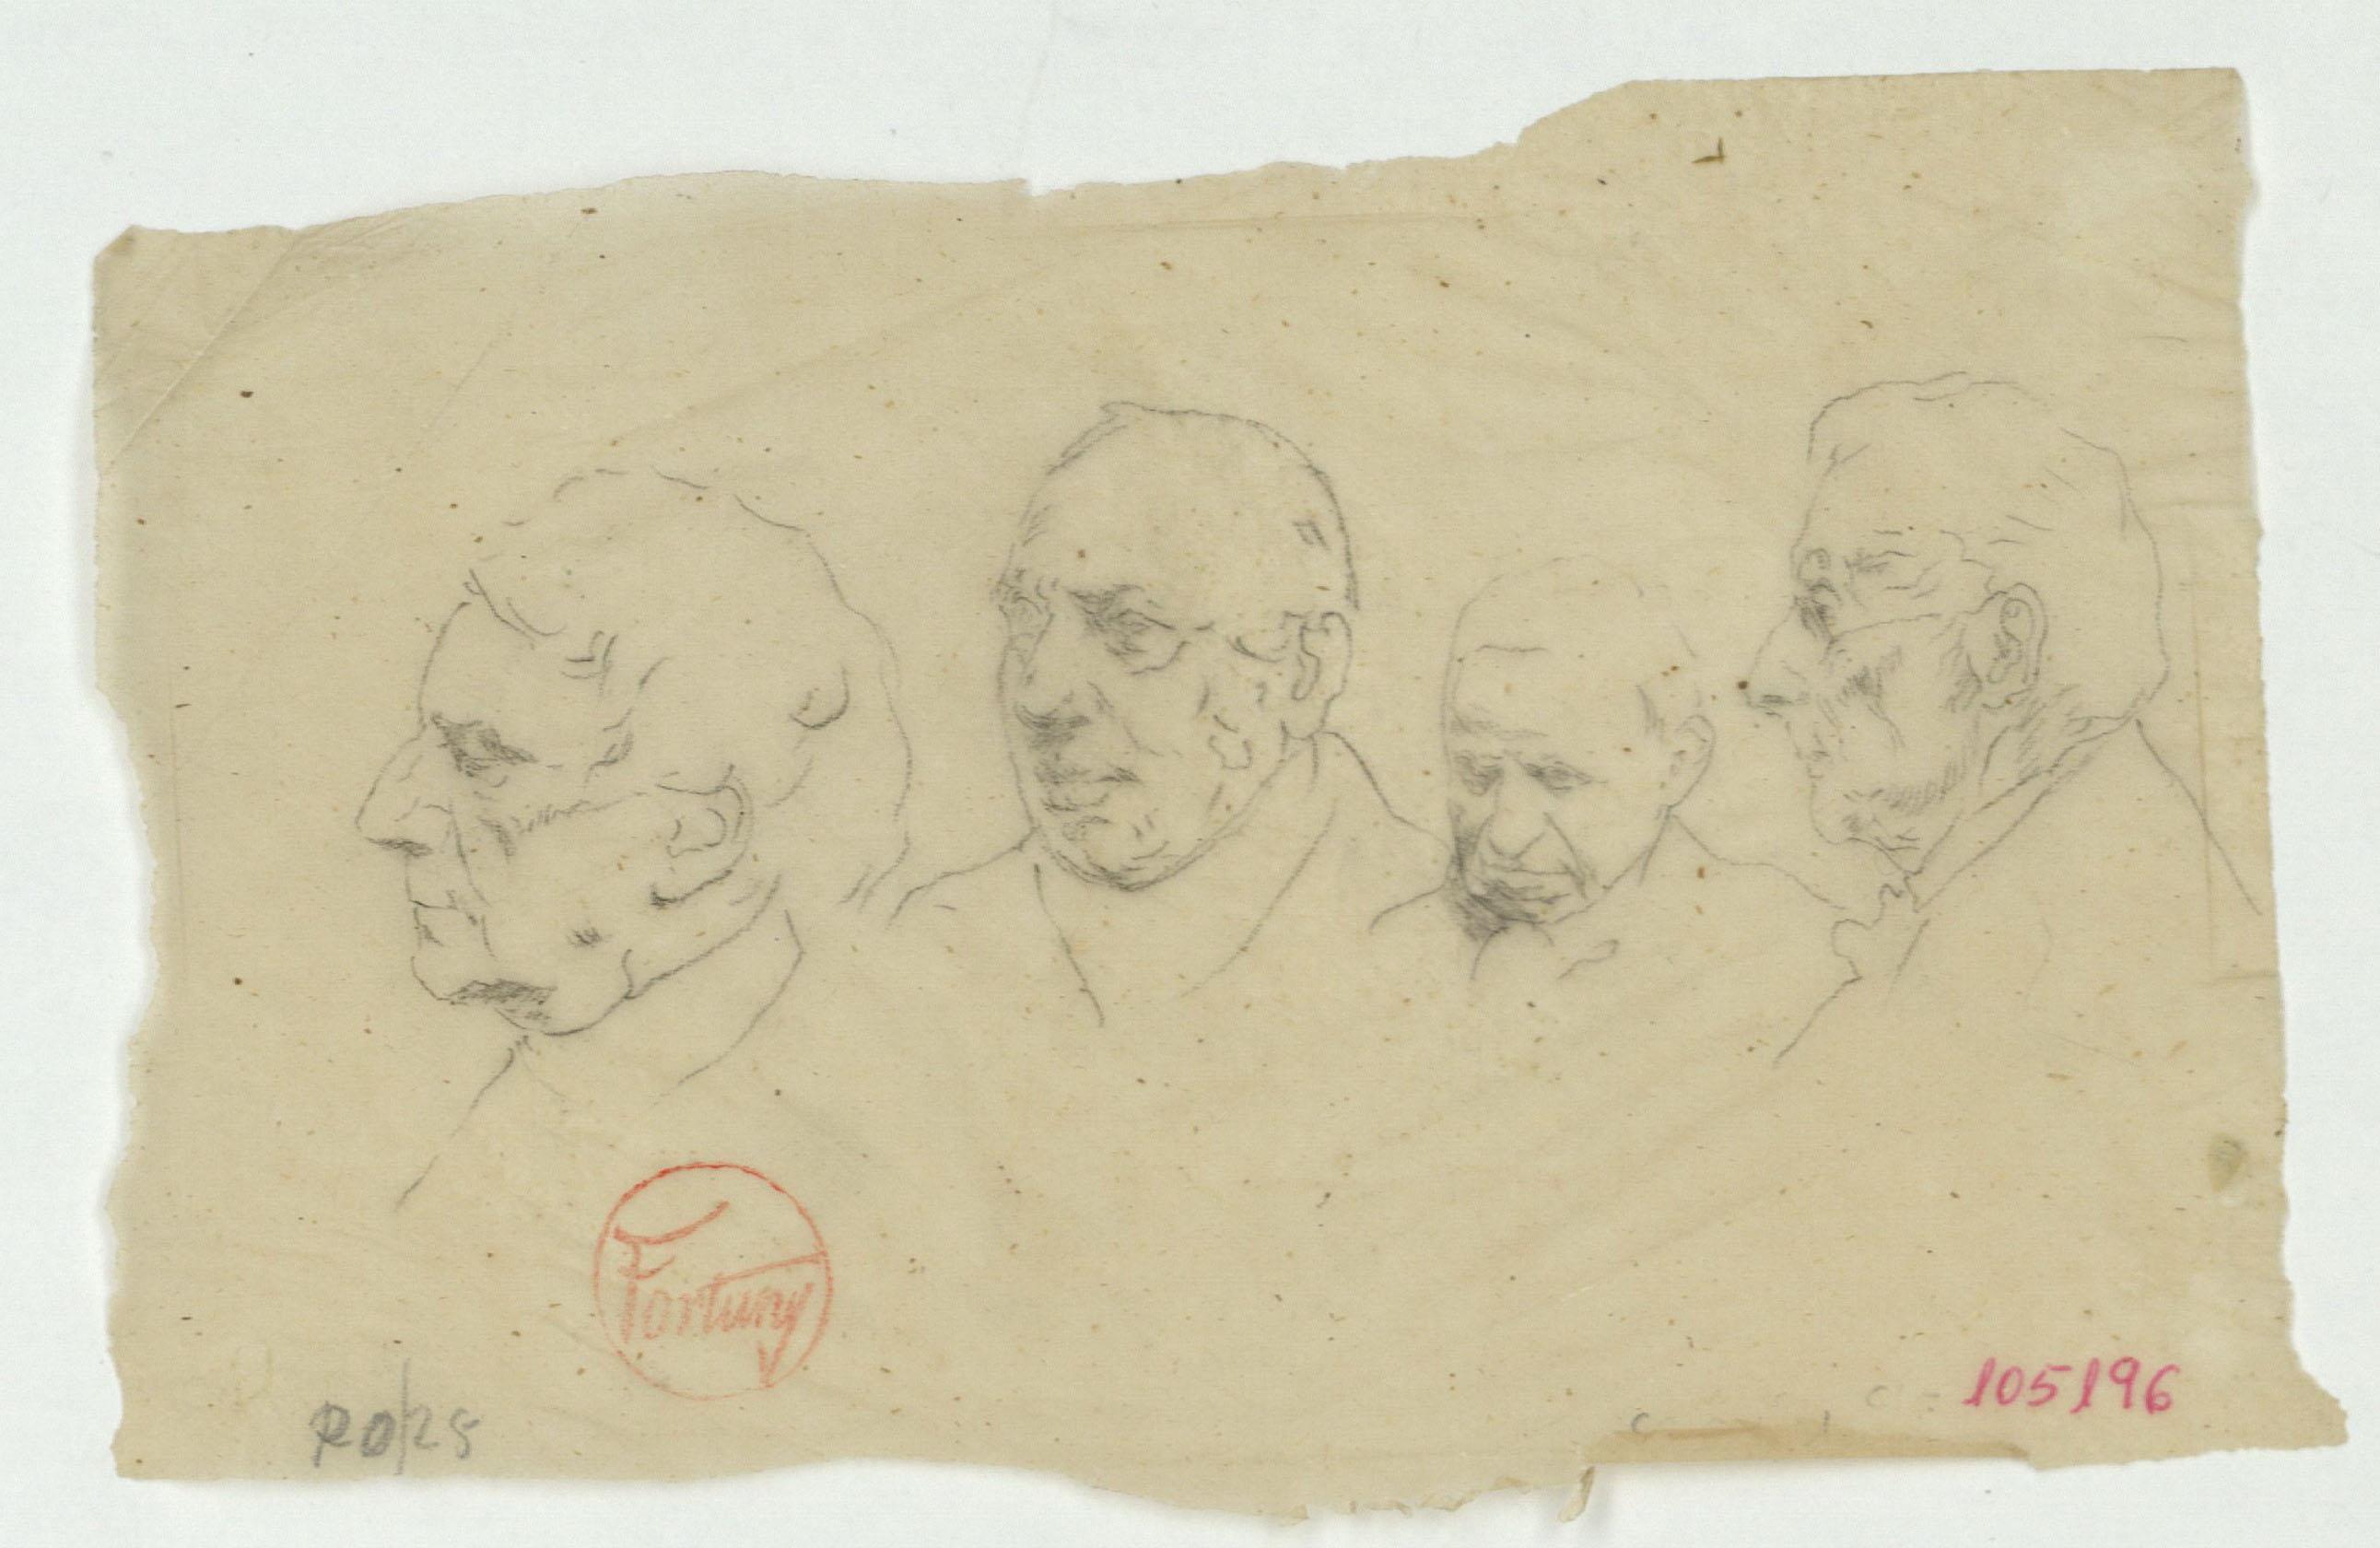 Marià Fortuny - Calc de caps masculins - Cap a 1863-1866